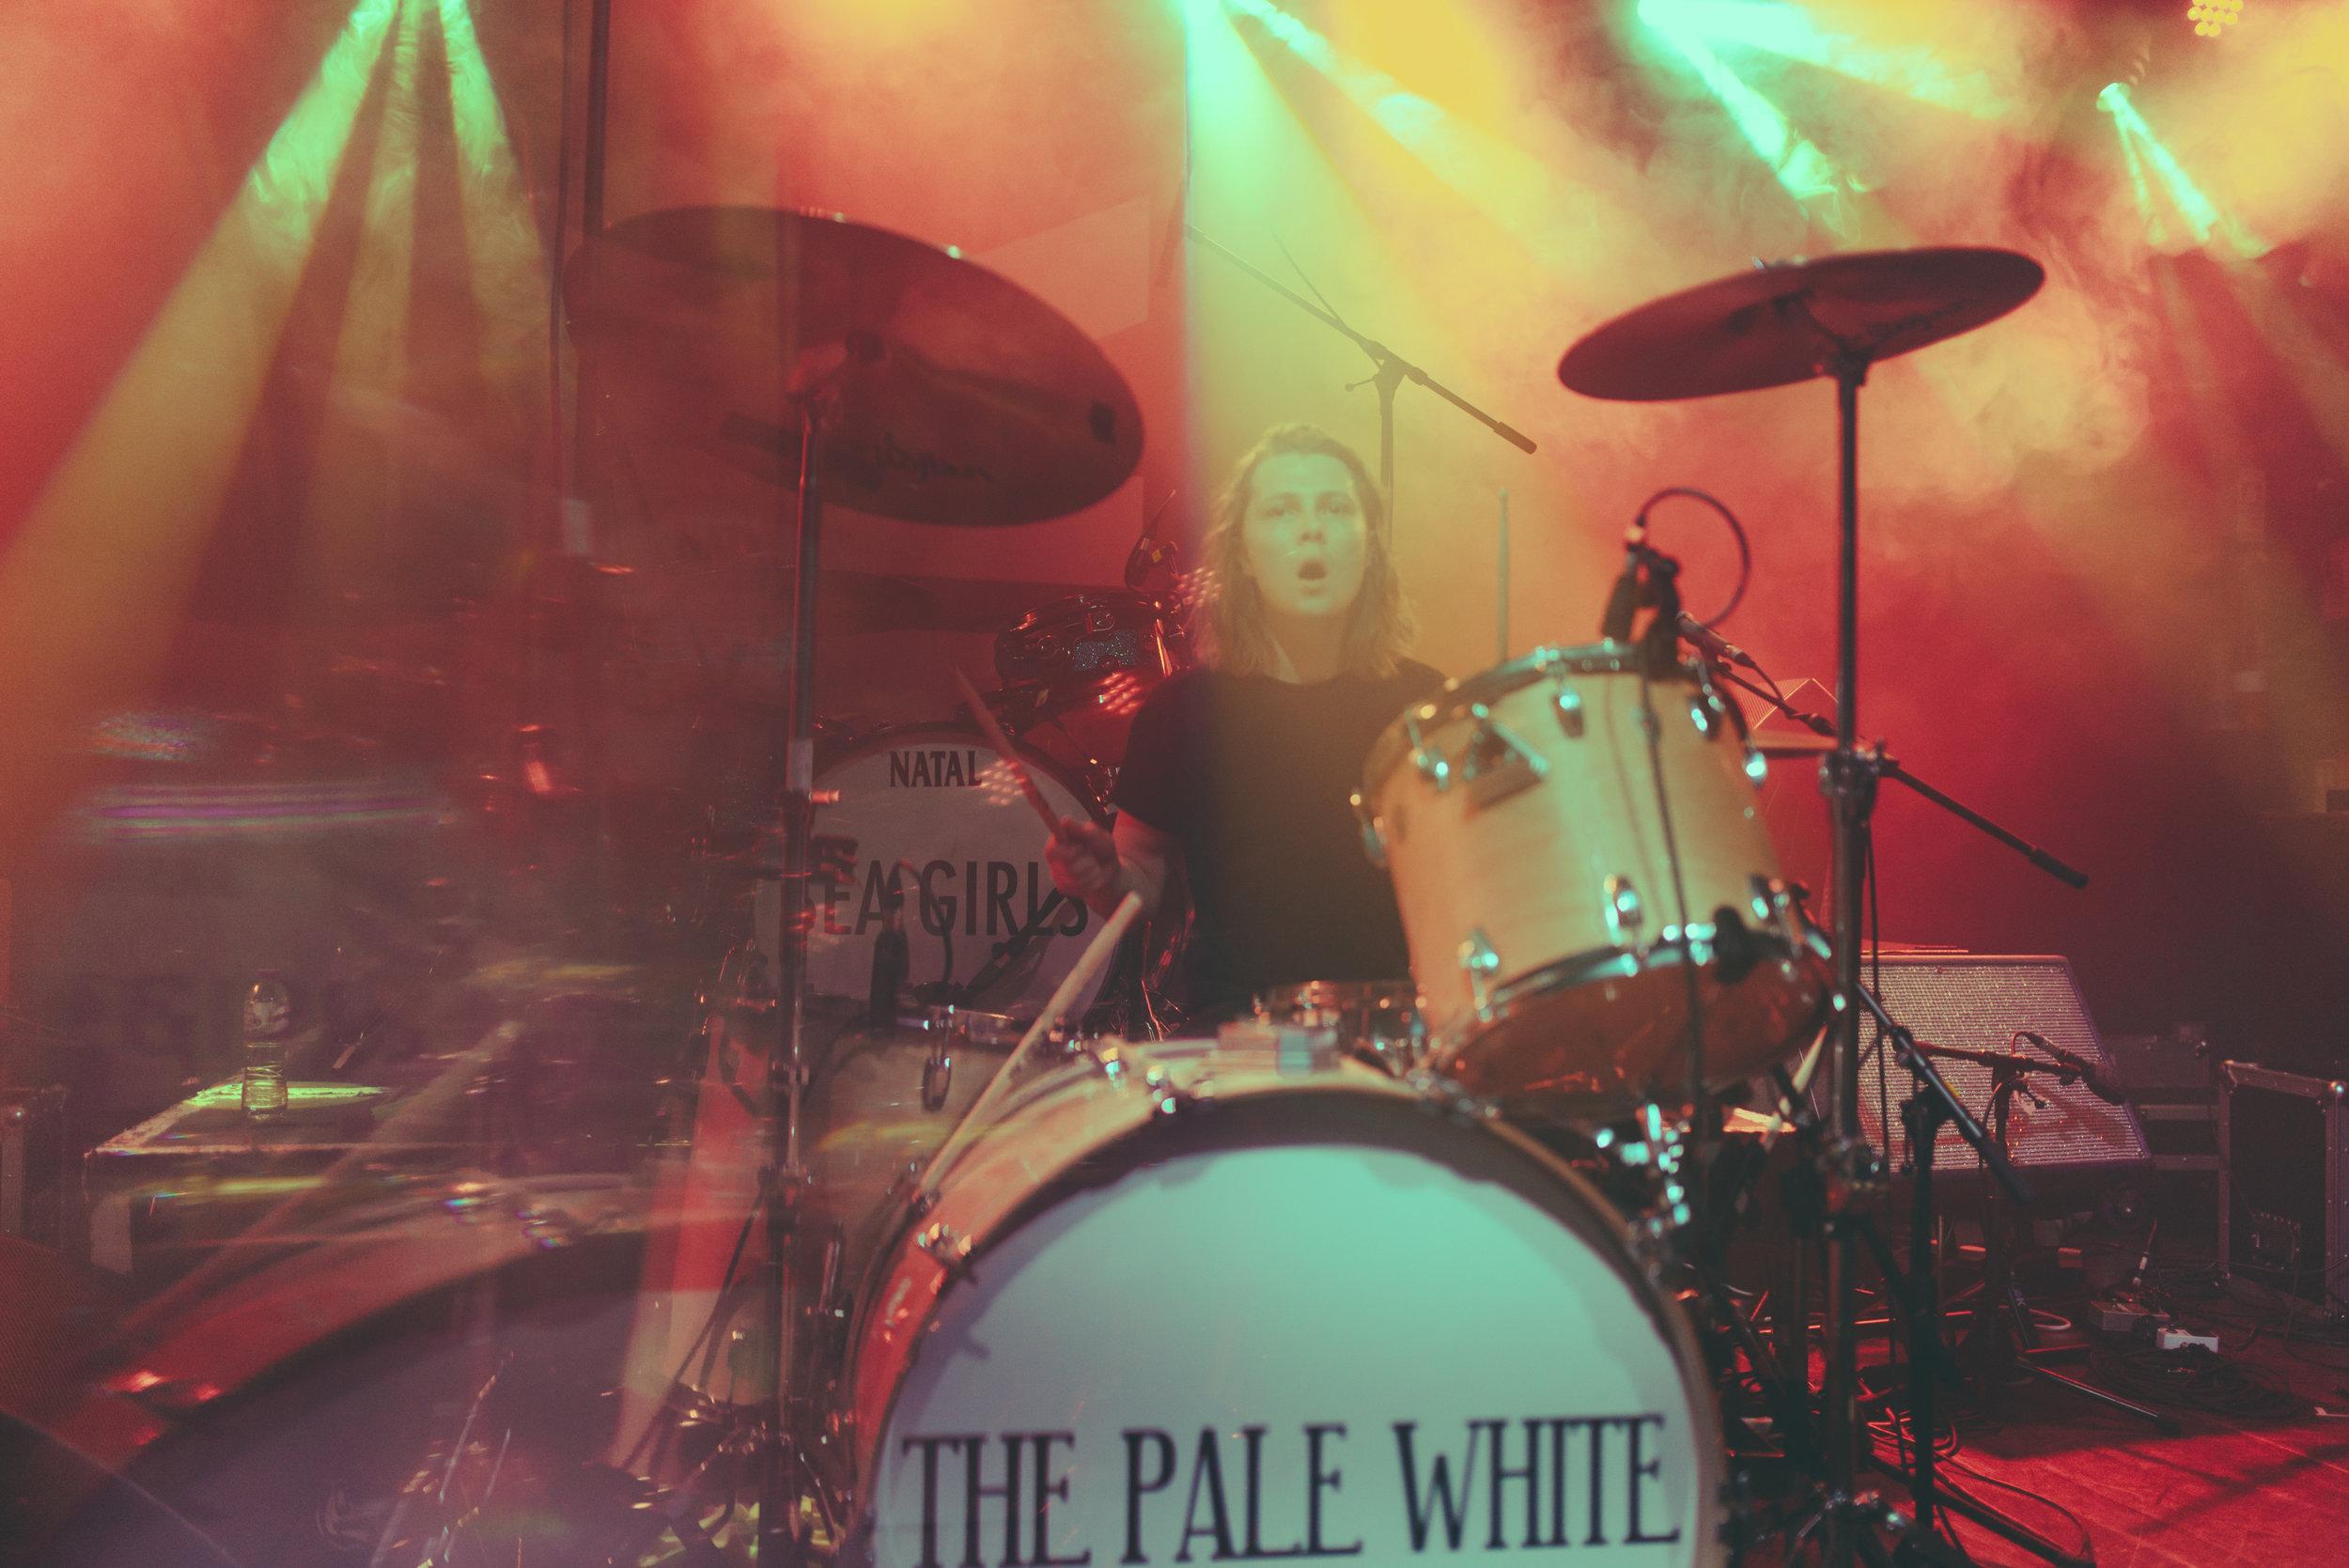 The-Pale-White-Sara-Feigin-012.jpg